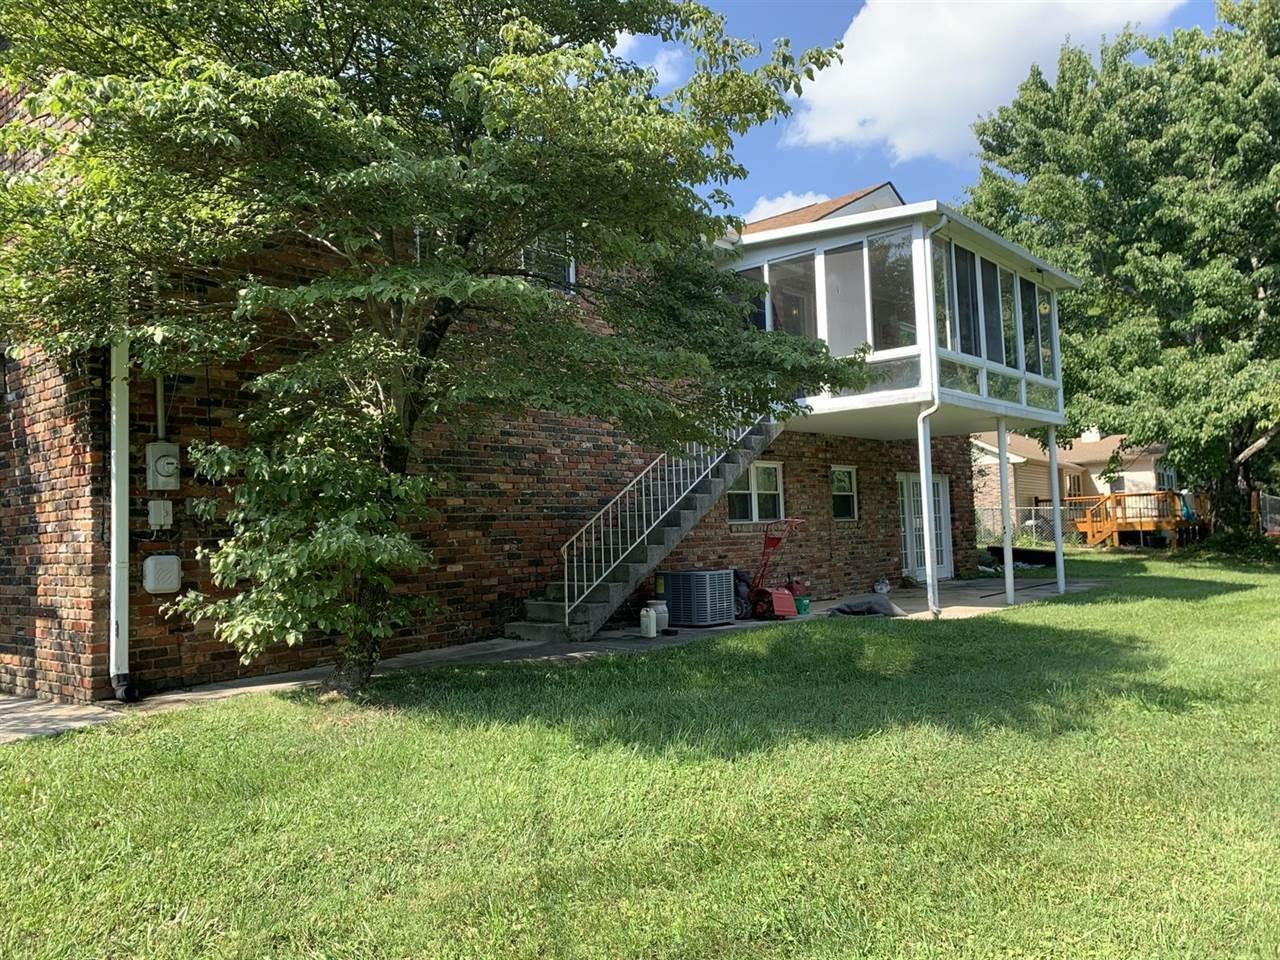 9836 Bob Gray Rd, Knoxville, TN 37923